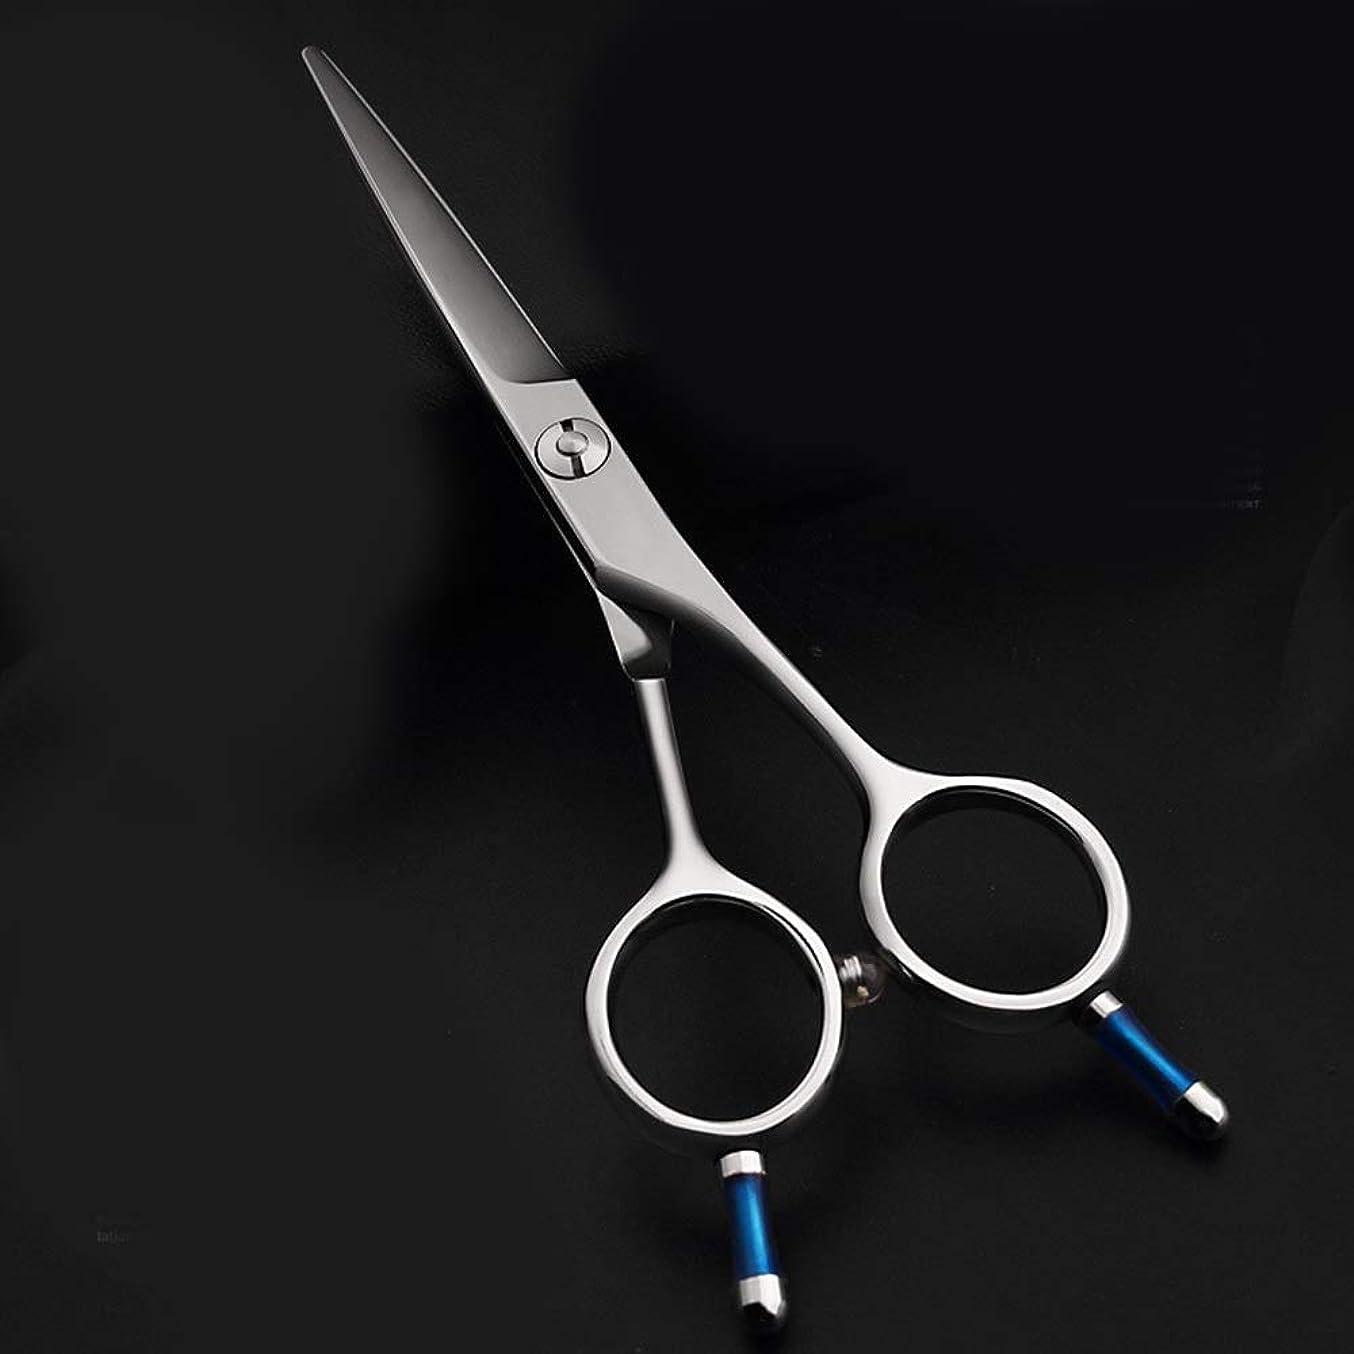 スラッシュアンプ憤る5.5インチの理髪はさみ、440 CプロフェッショナルAワードせん断、美容院特別左利き利用可能な理髪はさみ モデリングツール (色 : Silver)